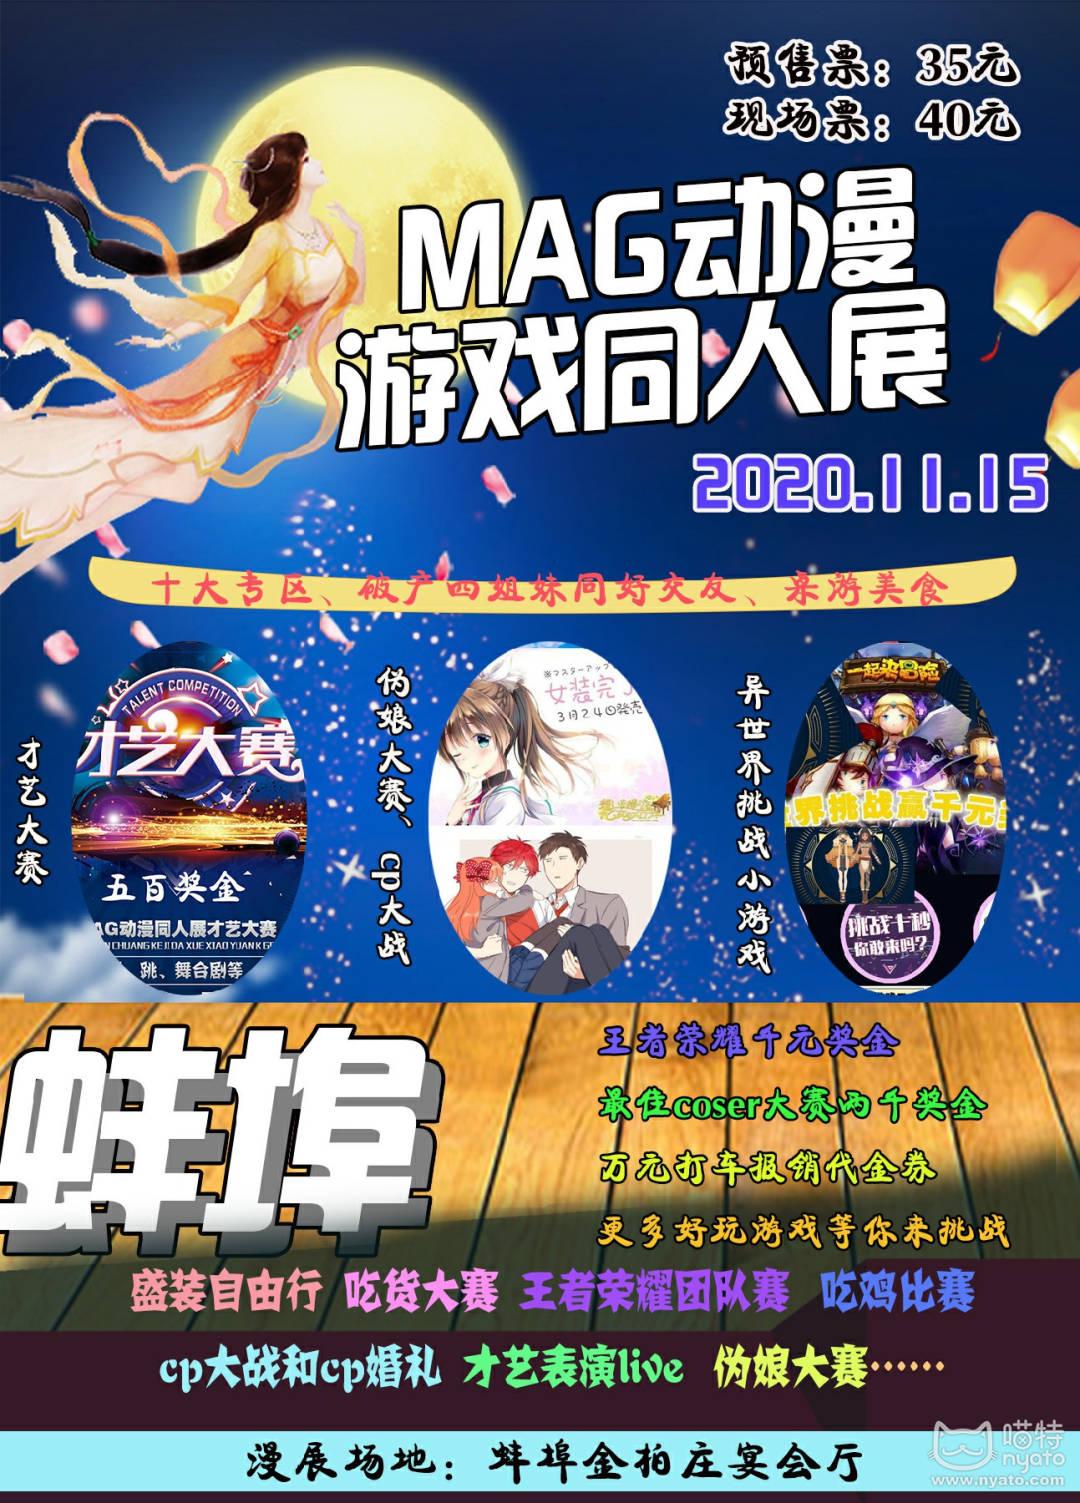 蚌埠海报22.jpg